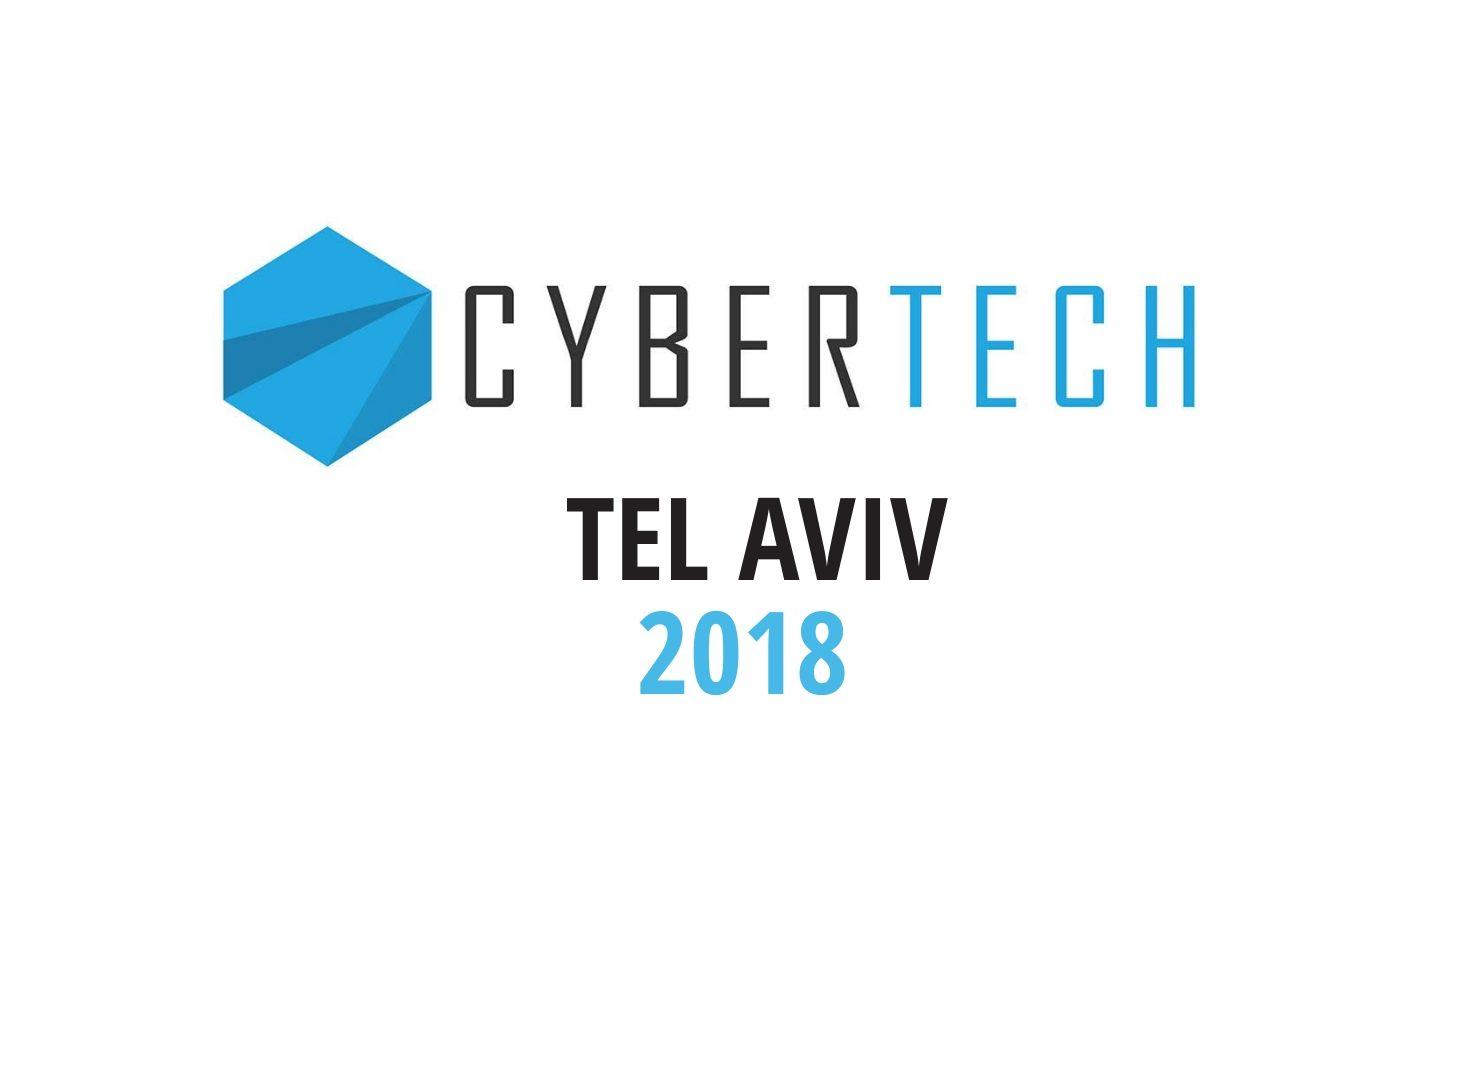 Cybertech - 2018 in Tel Aviv